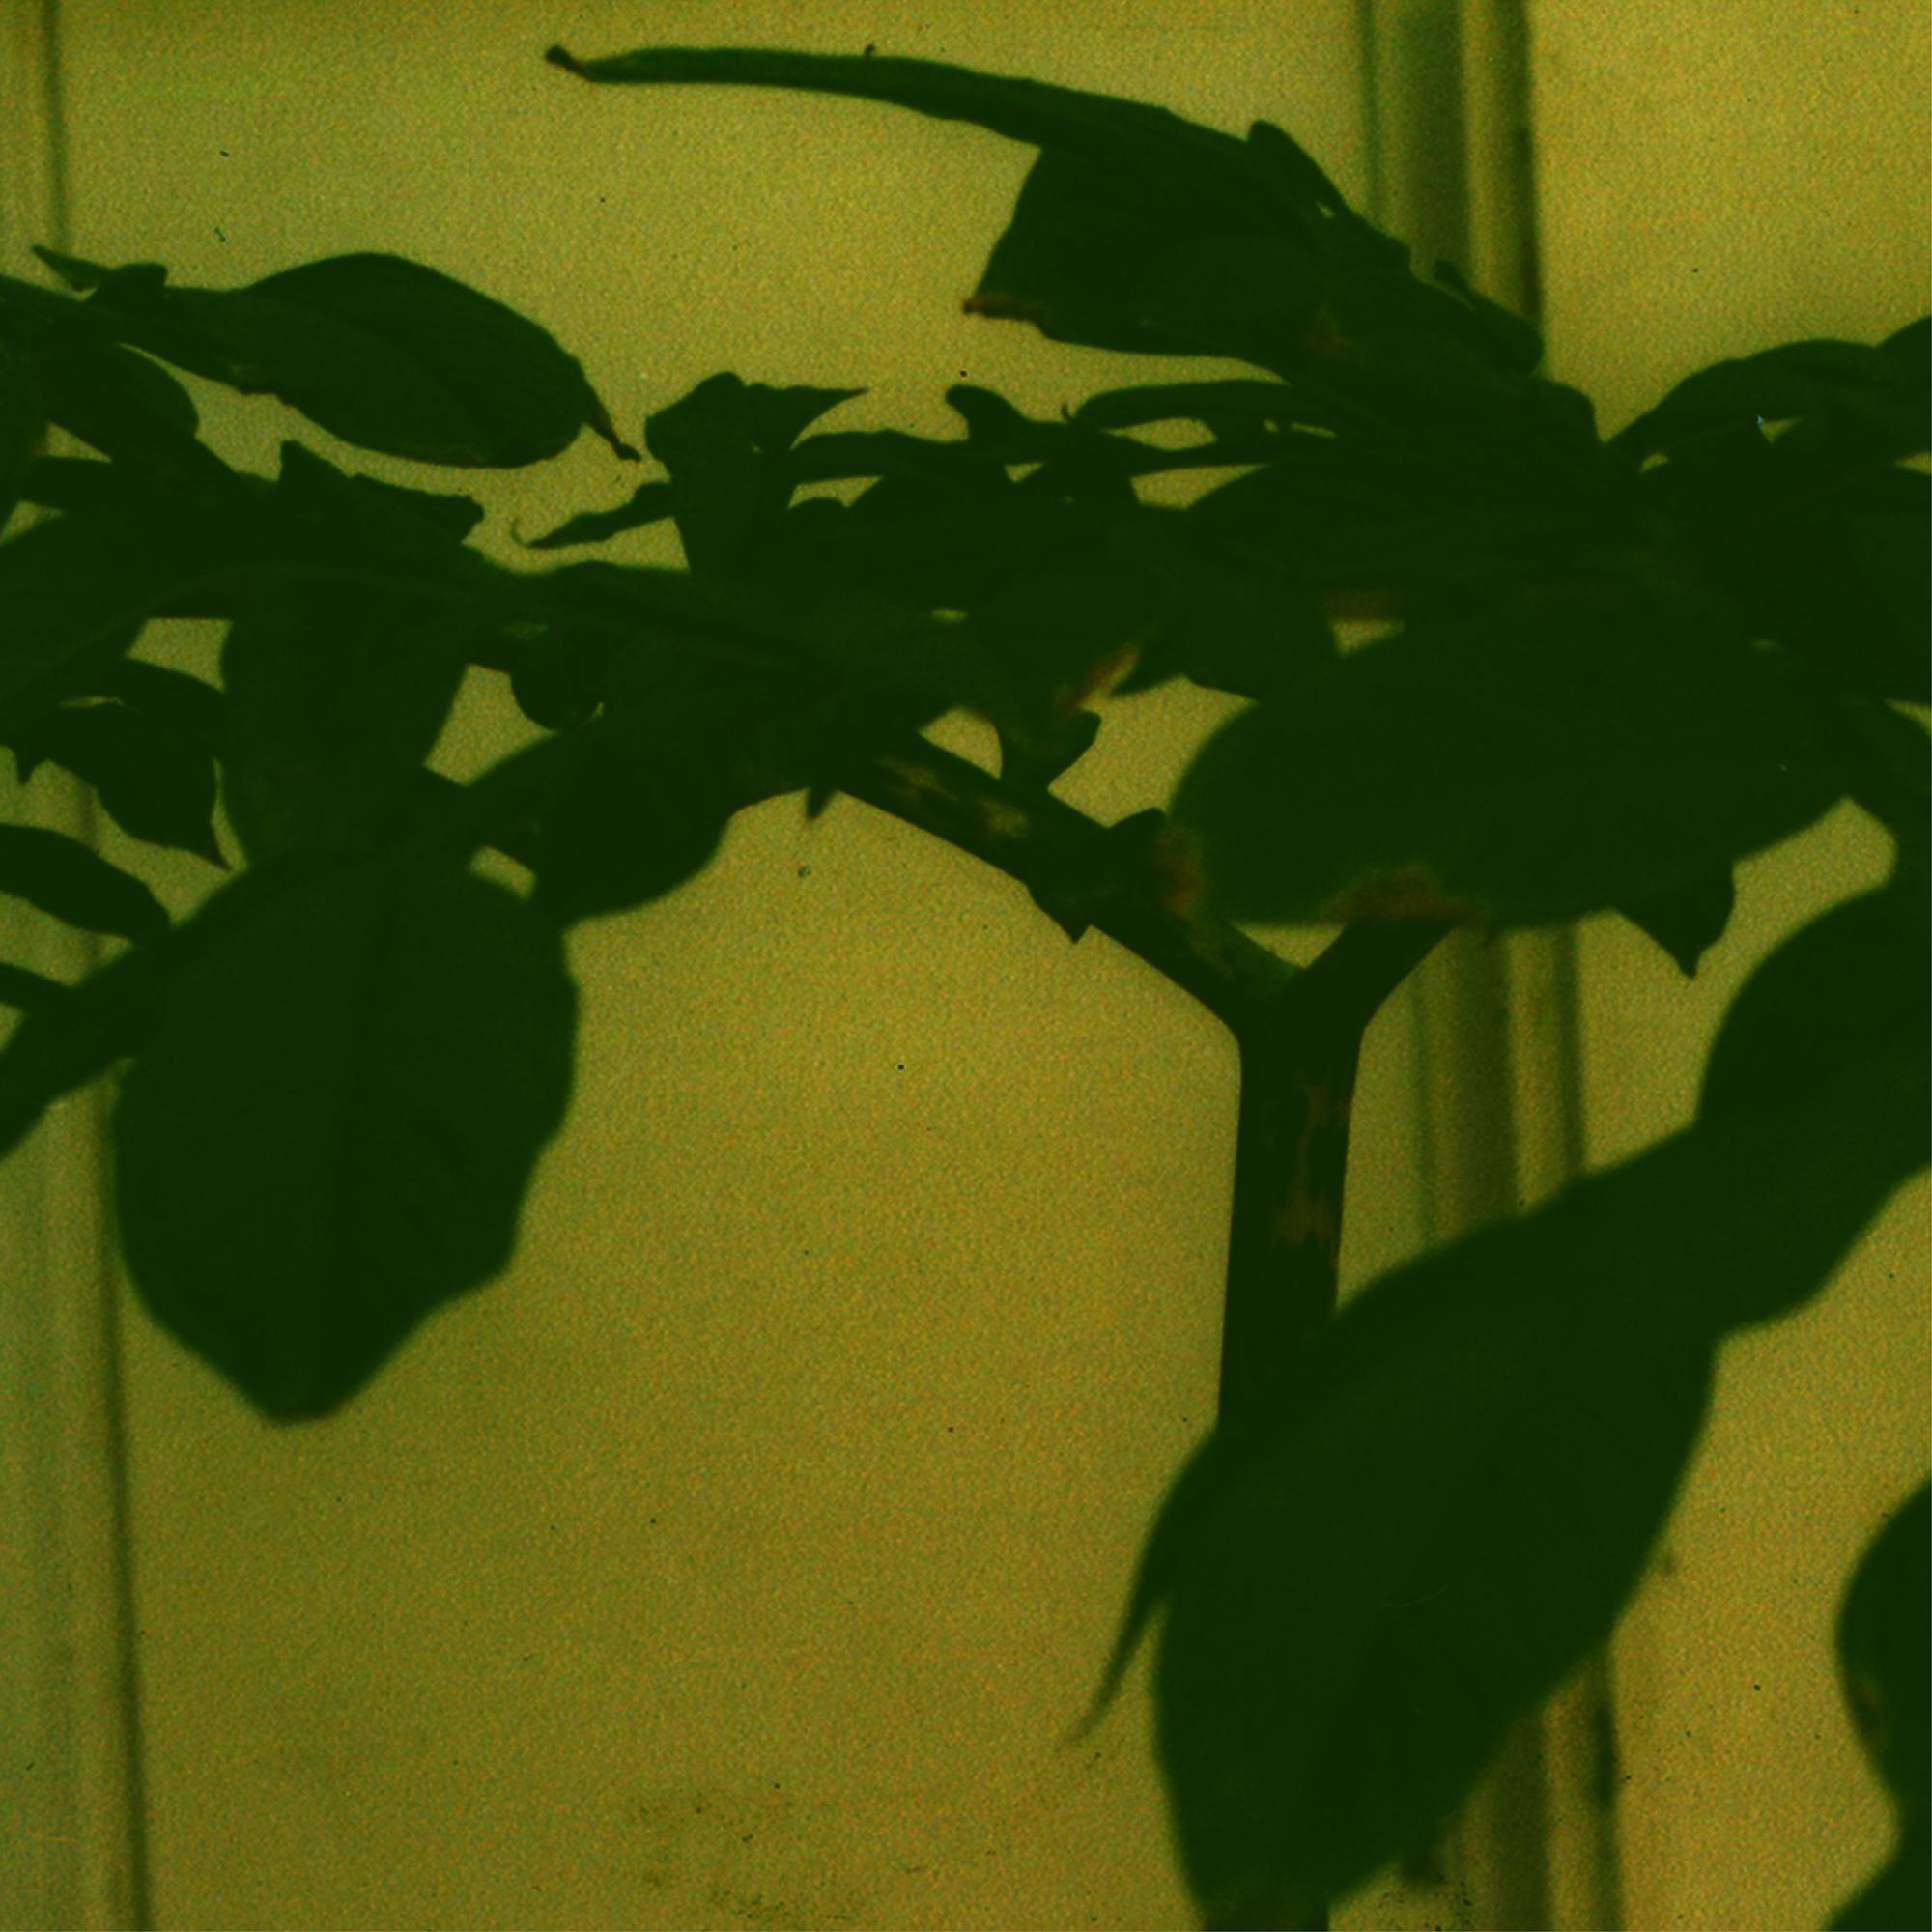 Rośliny w mieszkaniu Zdzisława Jurkiewicza, archiwum prywatne